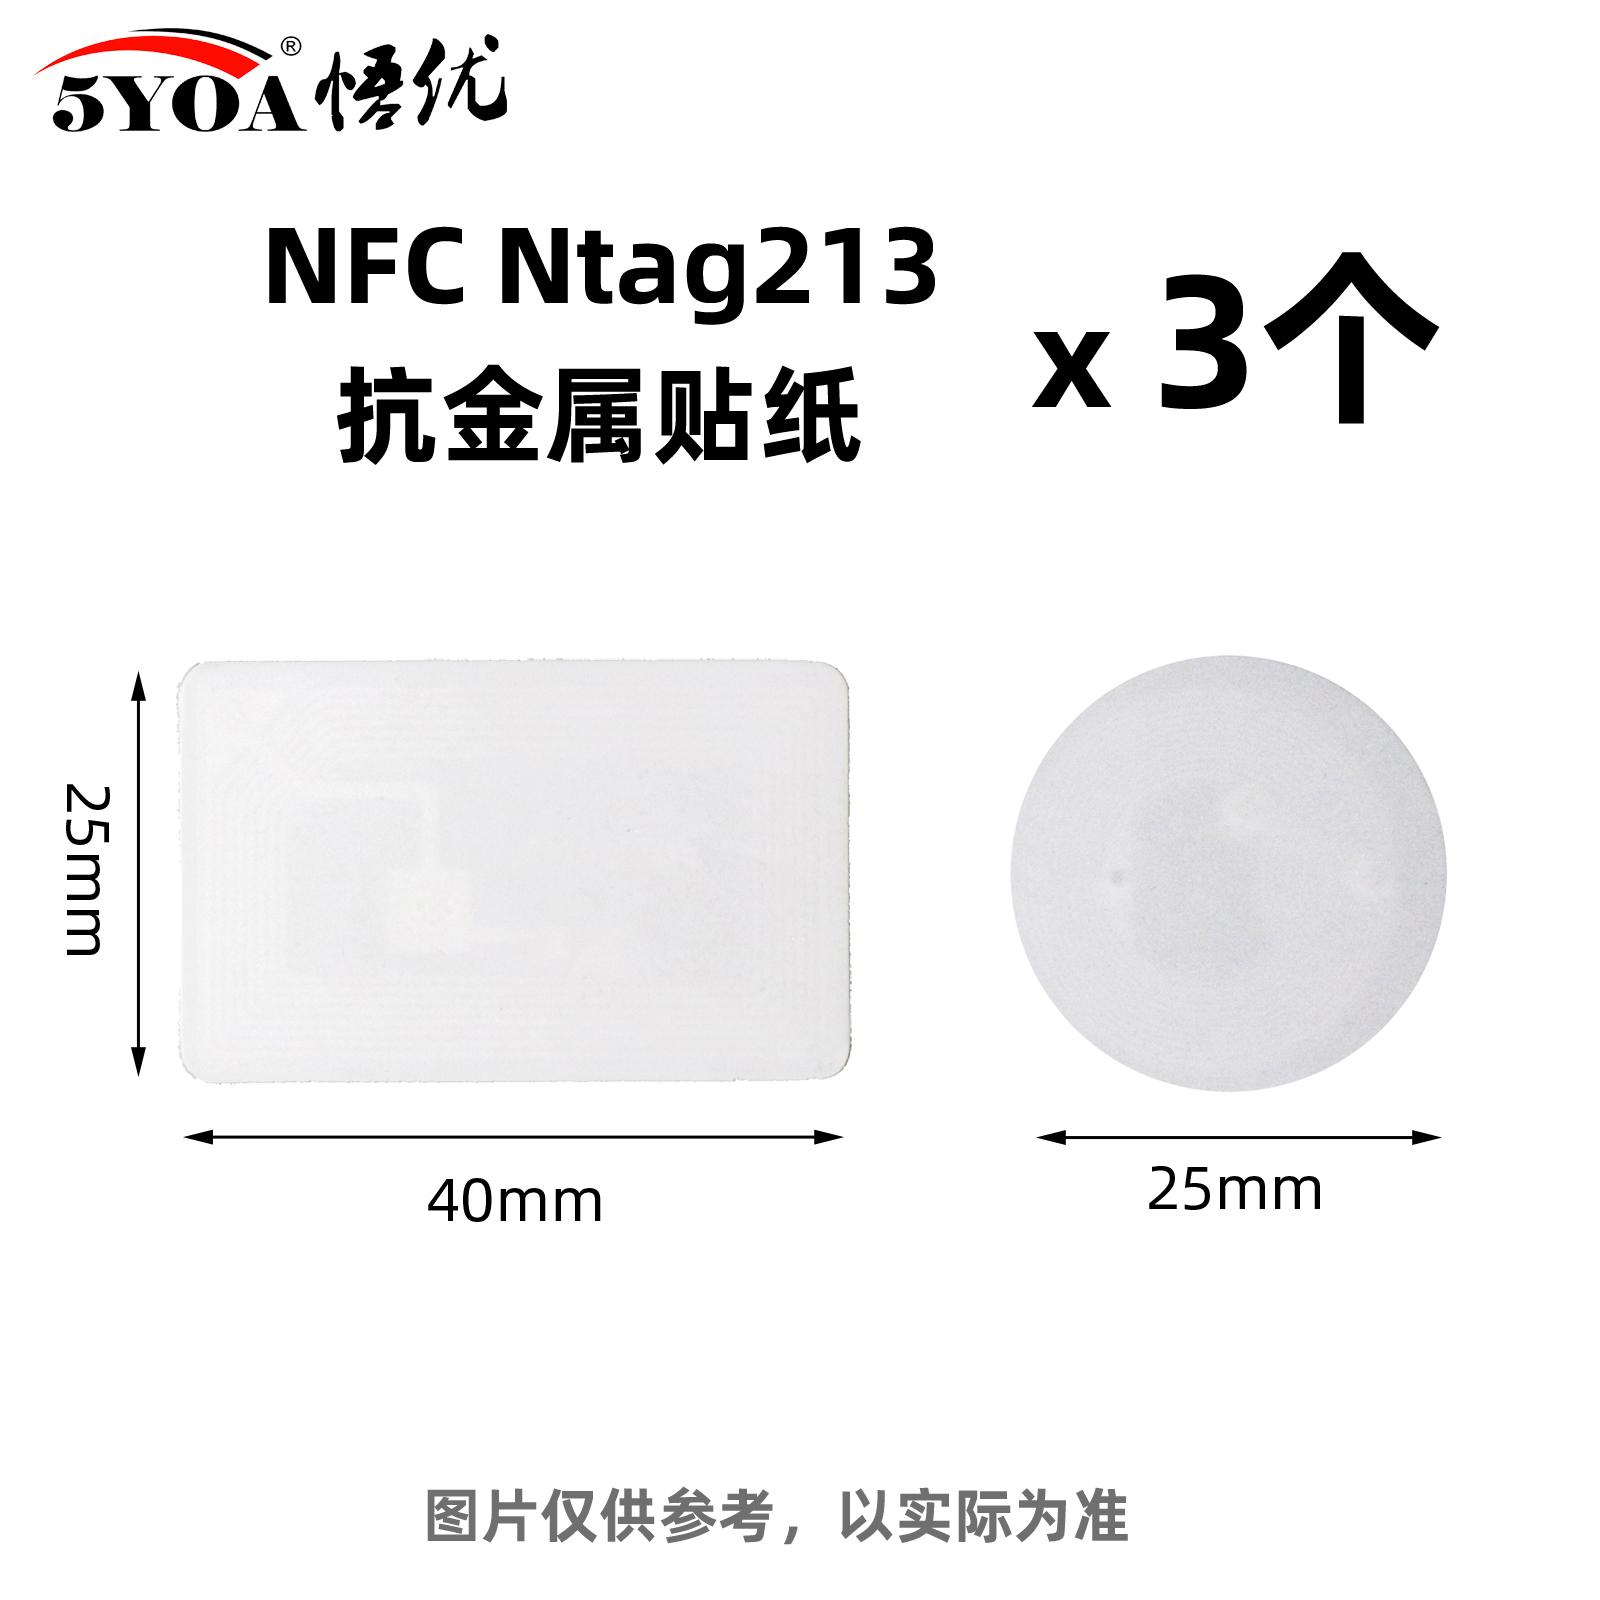 NFC贴纸抗金属一碰传多屏协同华为贴片手机电脑电子标签智能IC卡